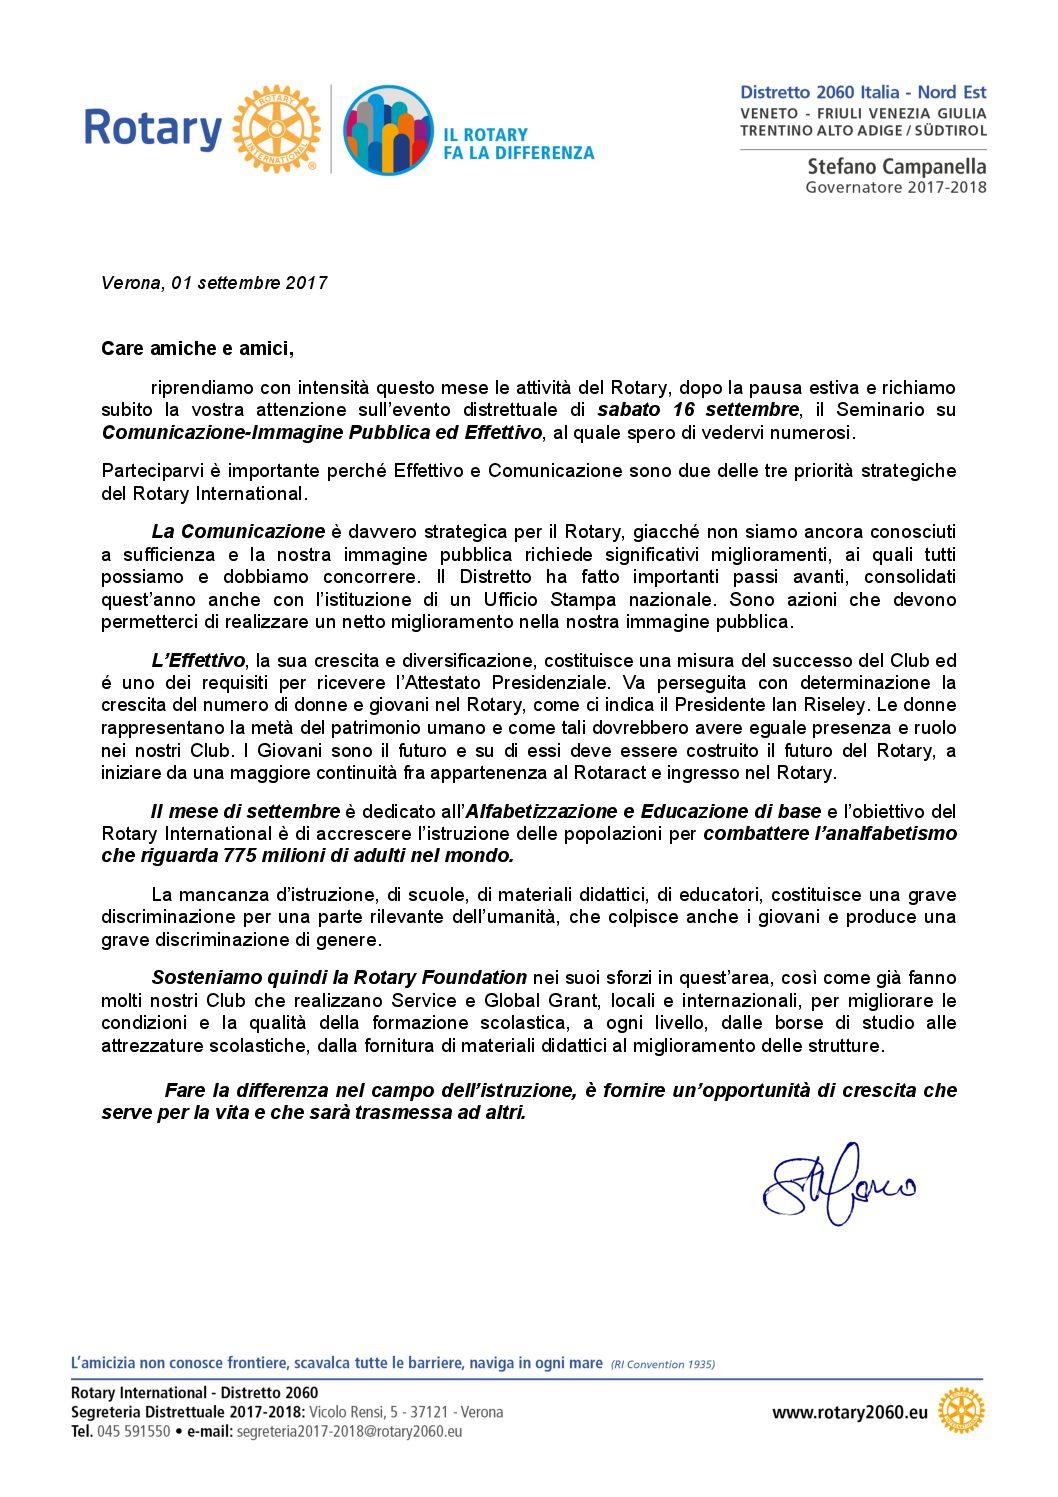 Lettere del Mese del Governatore - Settembre 2017